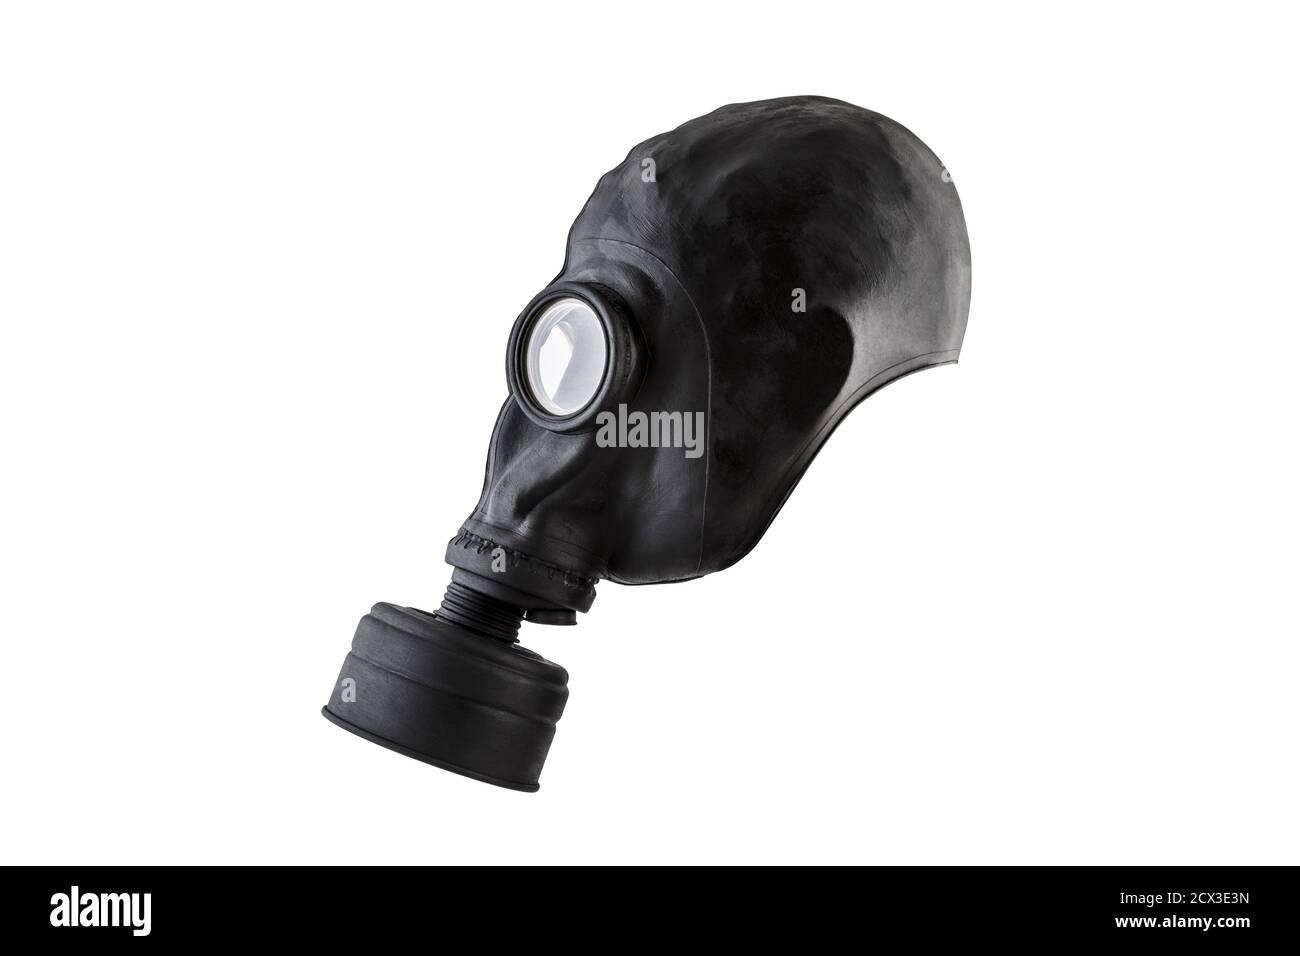 Masque à gaz noir isolé sur fond blanc avec masque de découpe. Pollution de l'environnement Banque D'Images